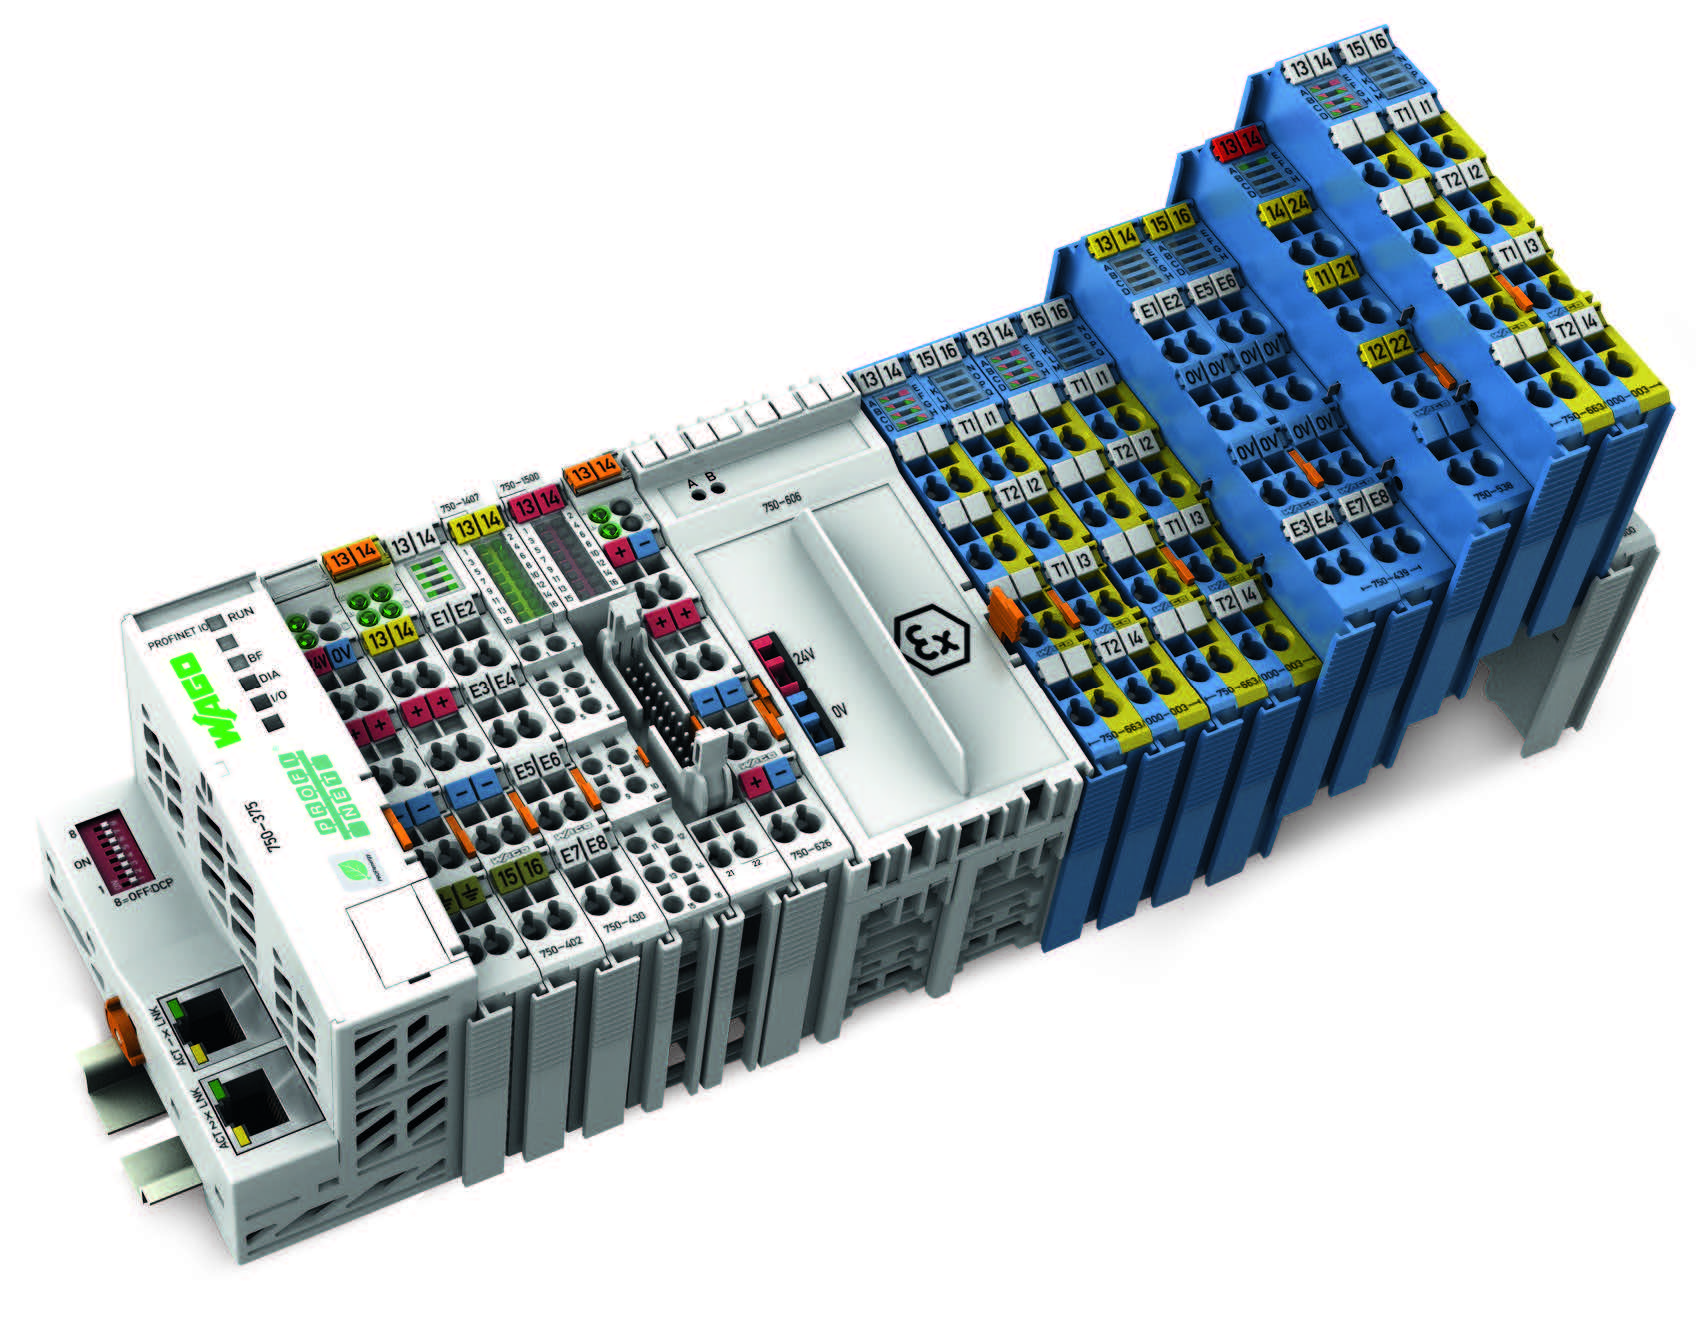 WAGO-I/O-SYSTEM新增本质安全型